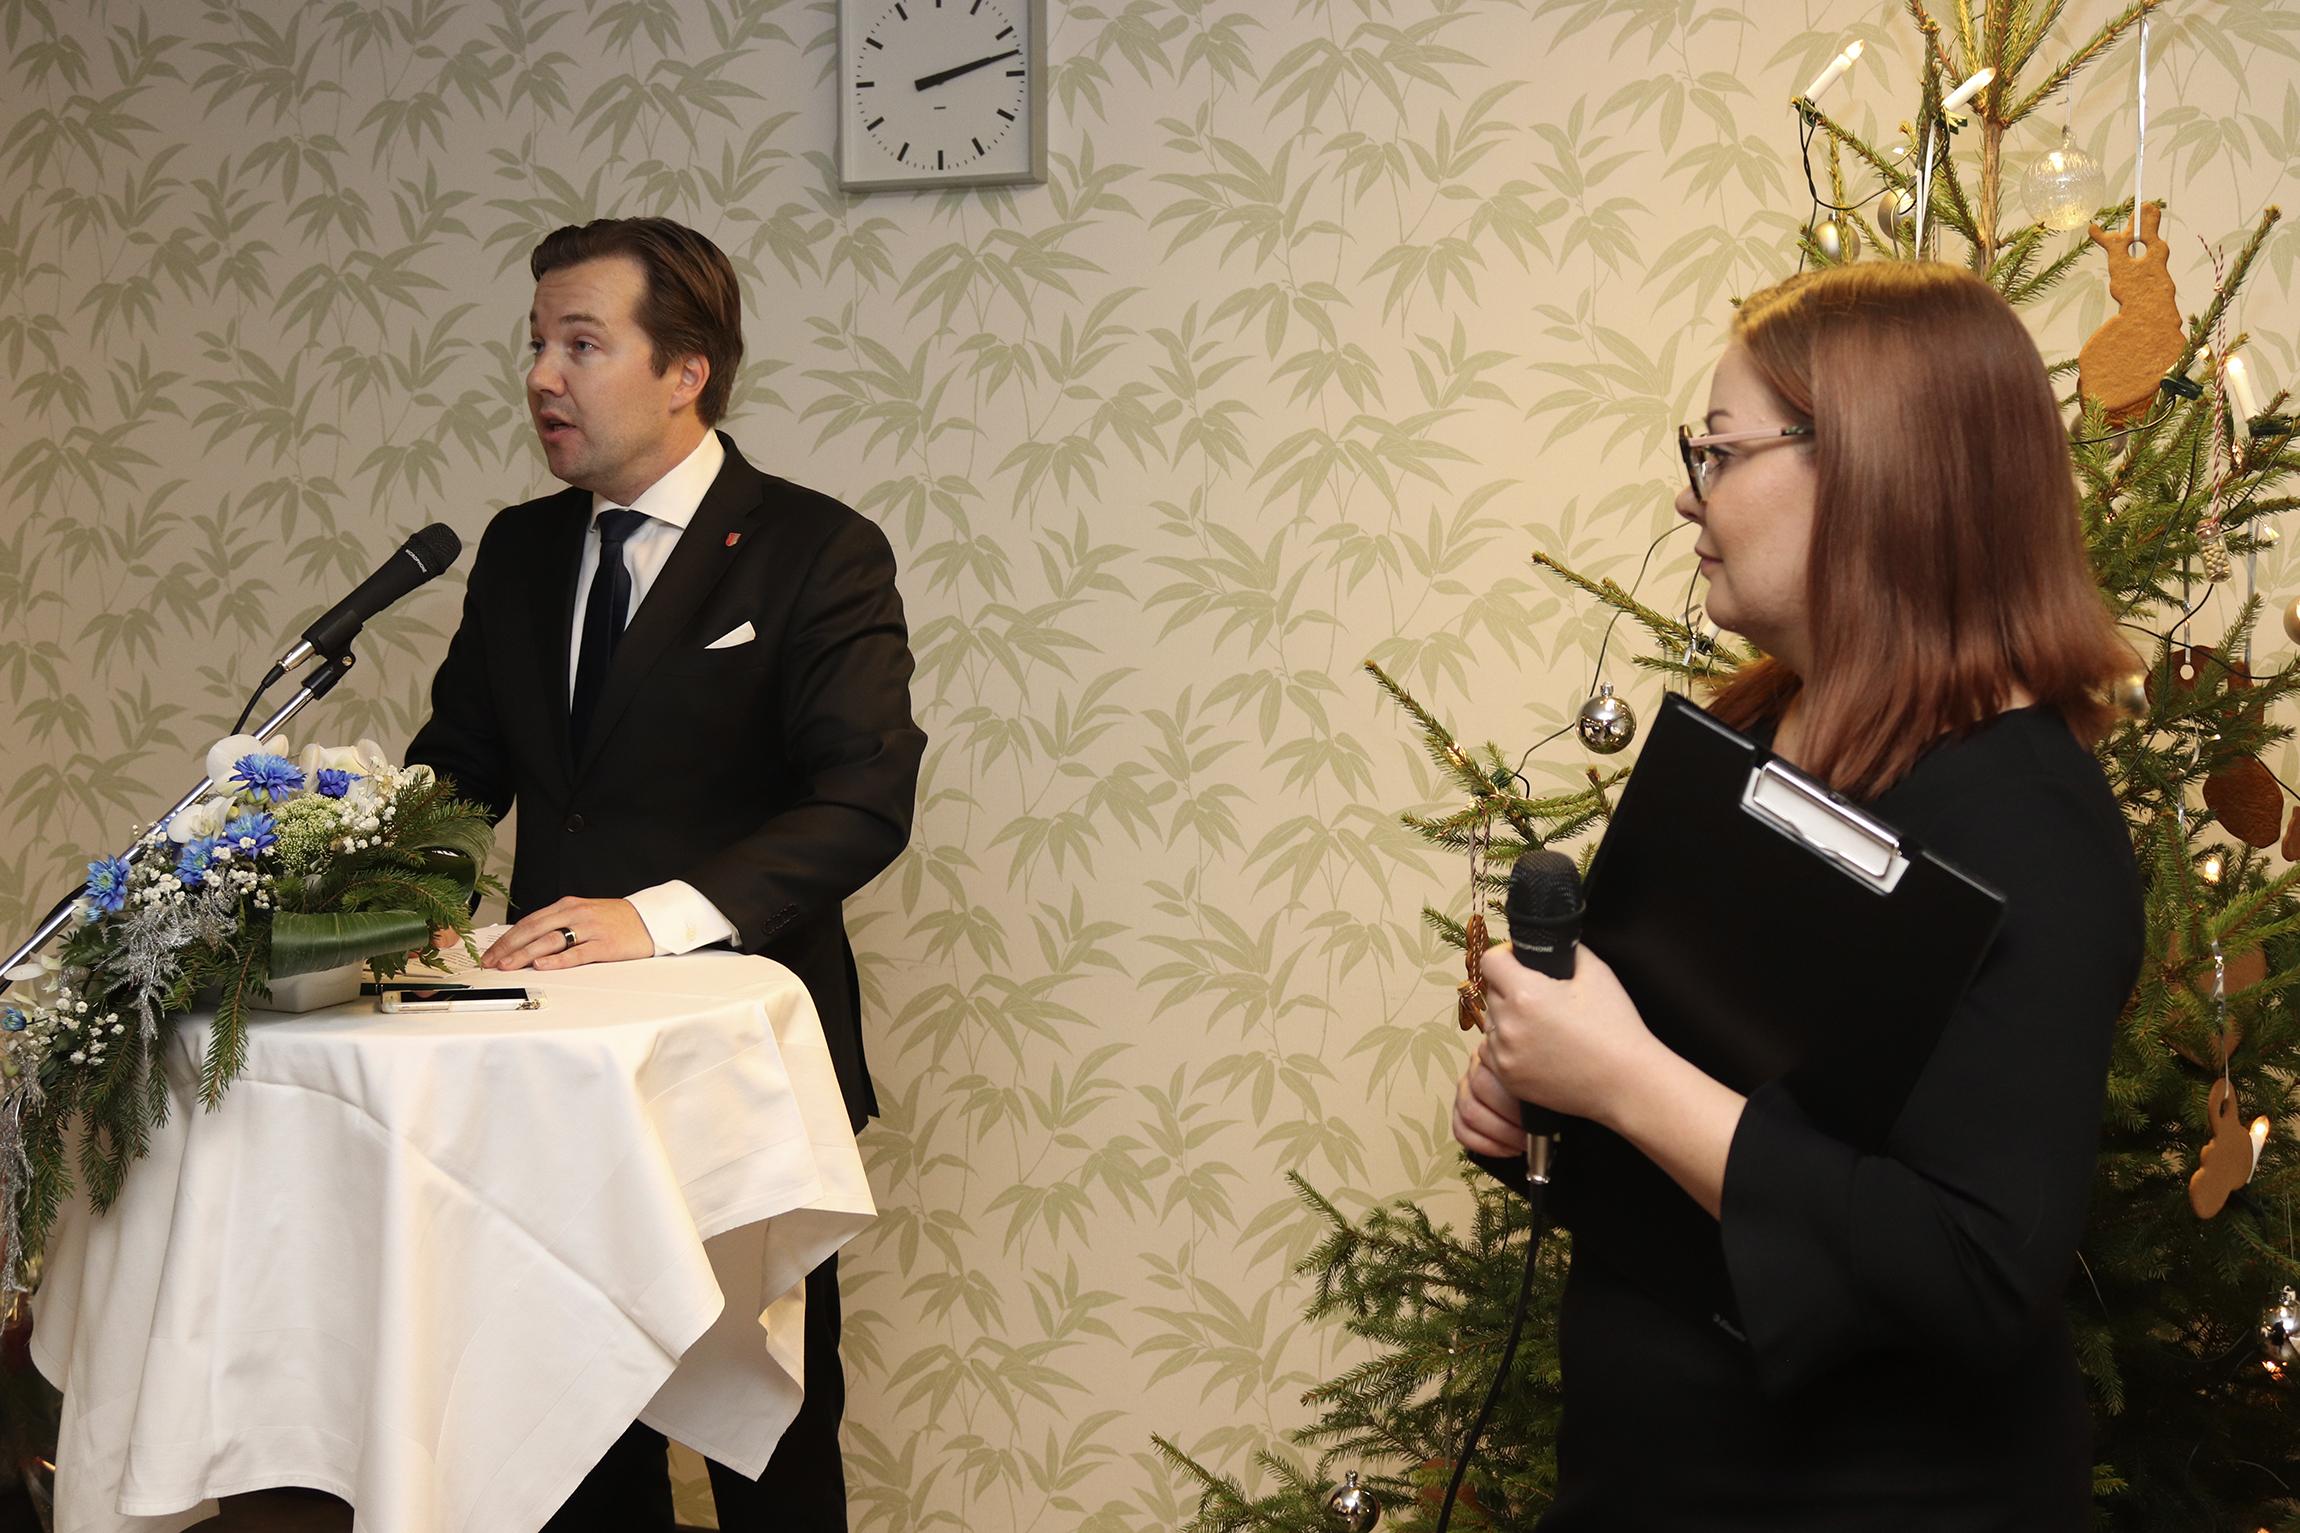 tapaa venäjän naiset akaa aasialainen nainen etsii seksiseuraa finland